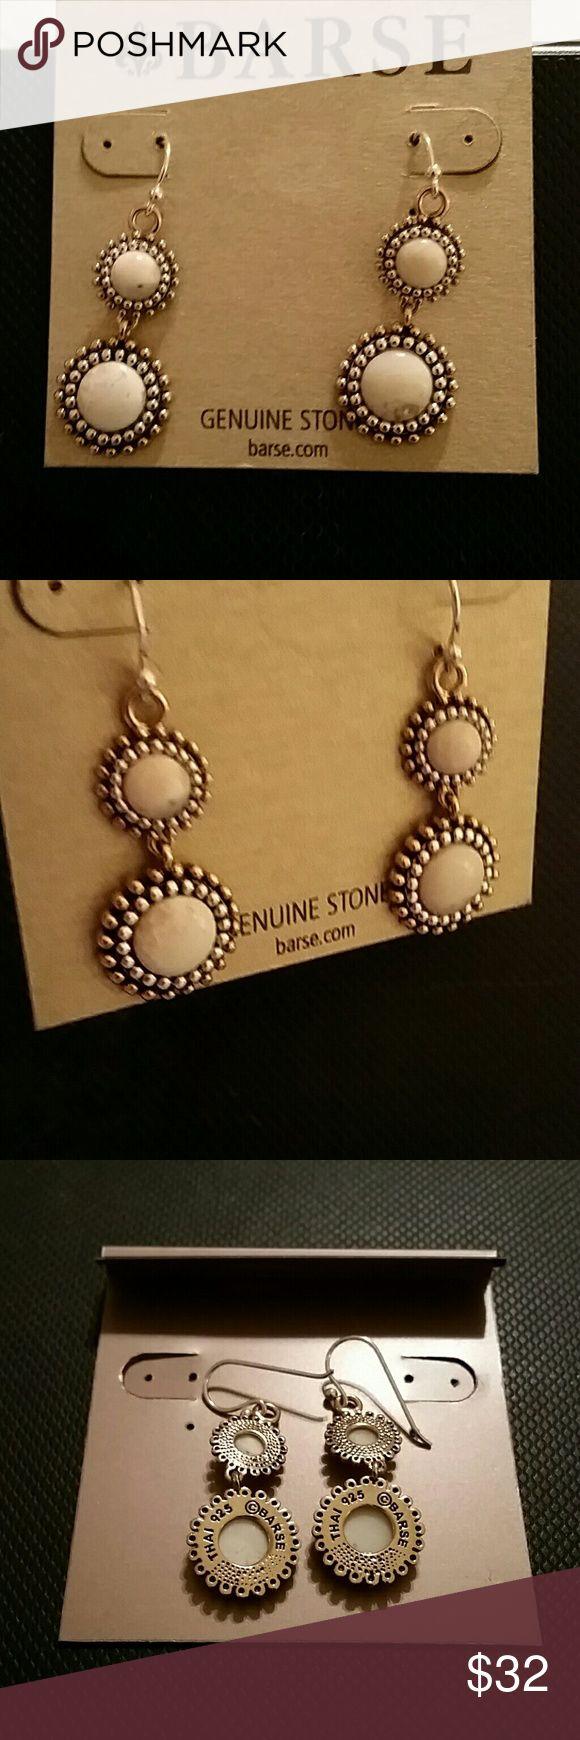 Barse Orbit African Opal drop earrings Beautiful ivory, cream colored opal earrings in bronze metal. Barse Jewelry Earrings